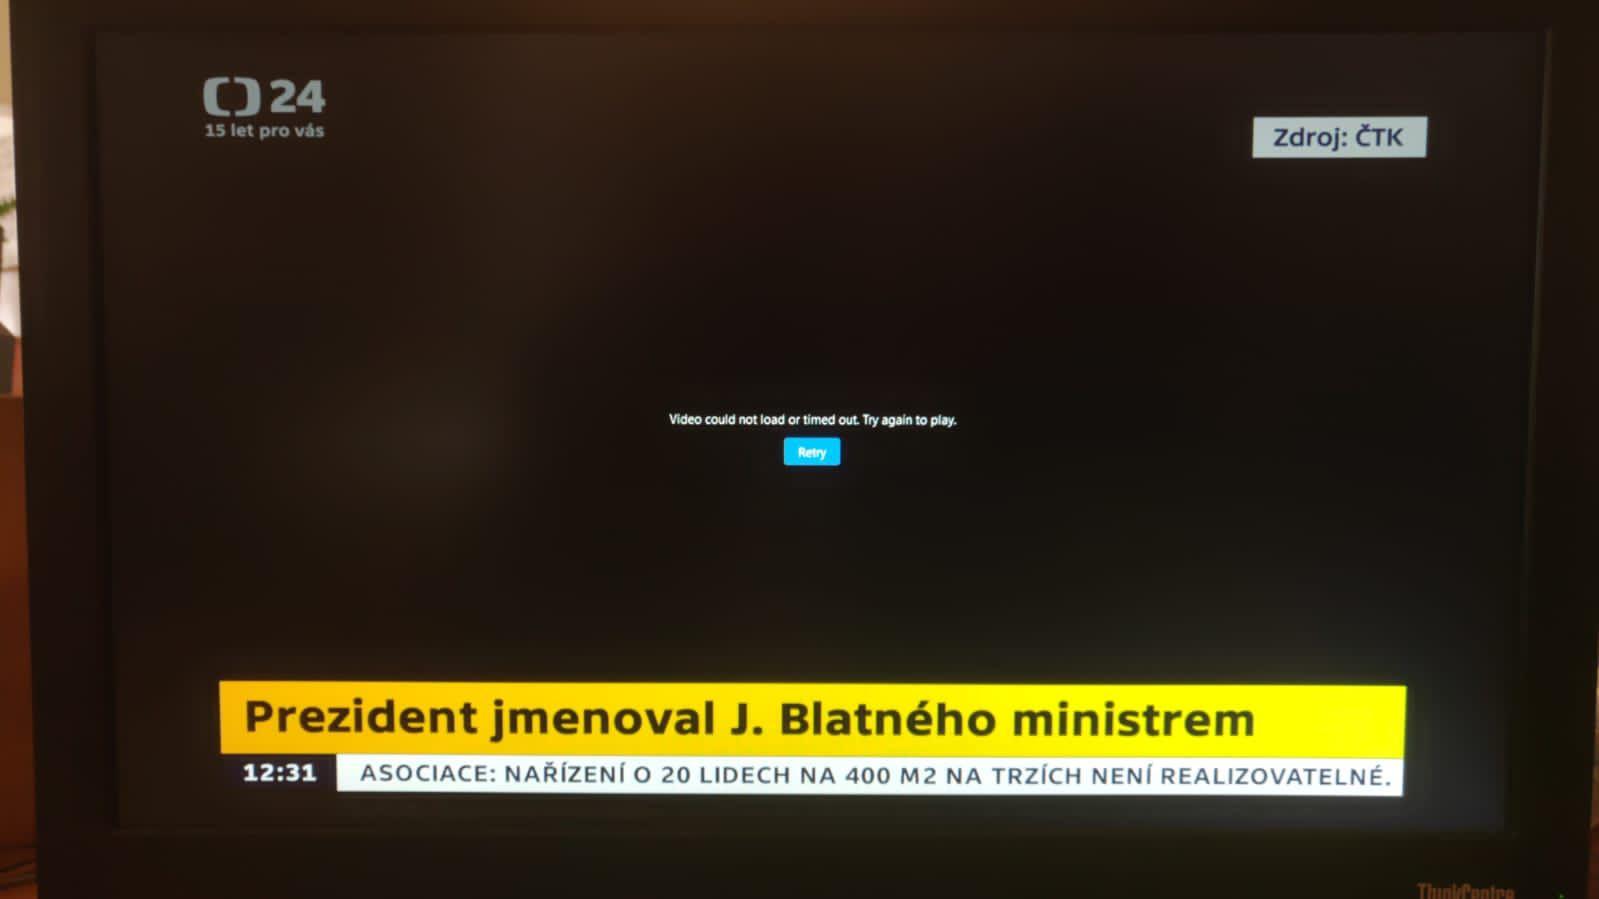 Mynář napsal České televizi: Jste neprofesionální, vypadl vám signál při jmenování Blatného. Dvořák: ČT jste na hrad nepustili